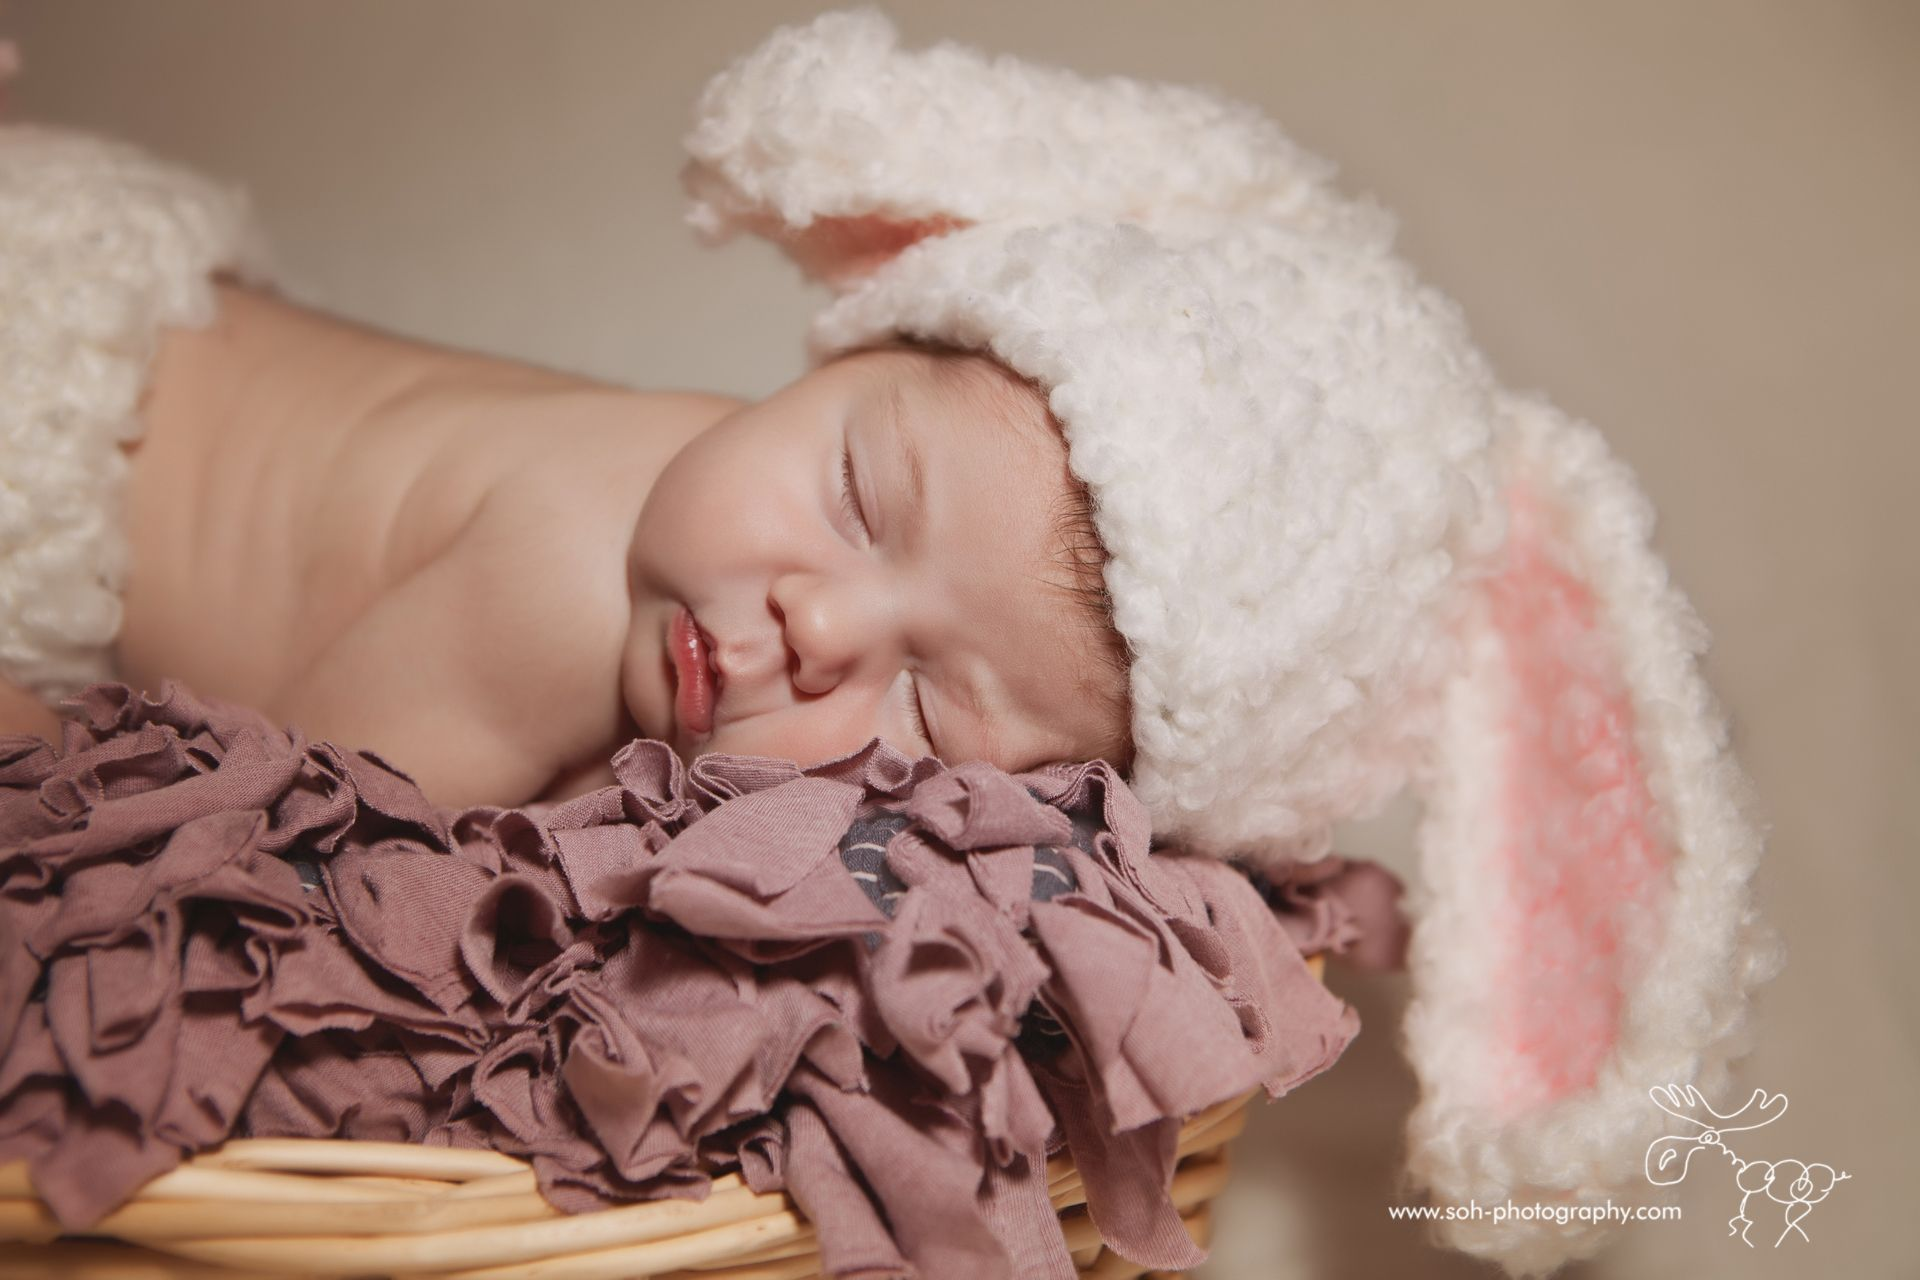 Newborn photoshoot in Bunny Costume, Vienna, Austria #newbornphotography #newbornprop # newbornbunny # newbornpvienna # newborncostume